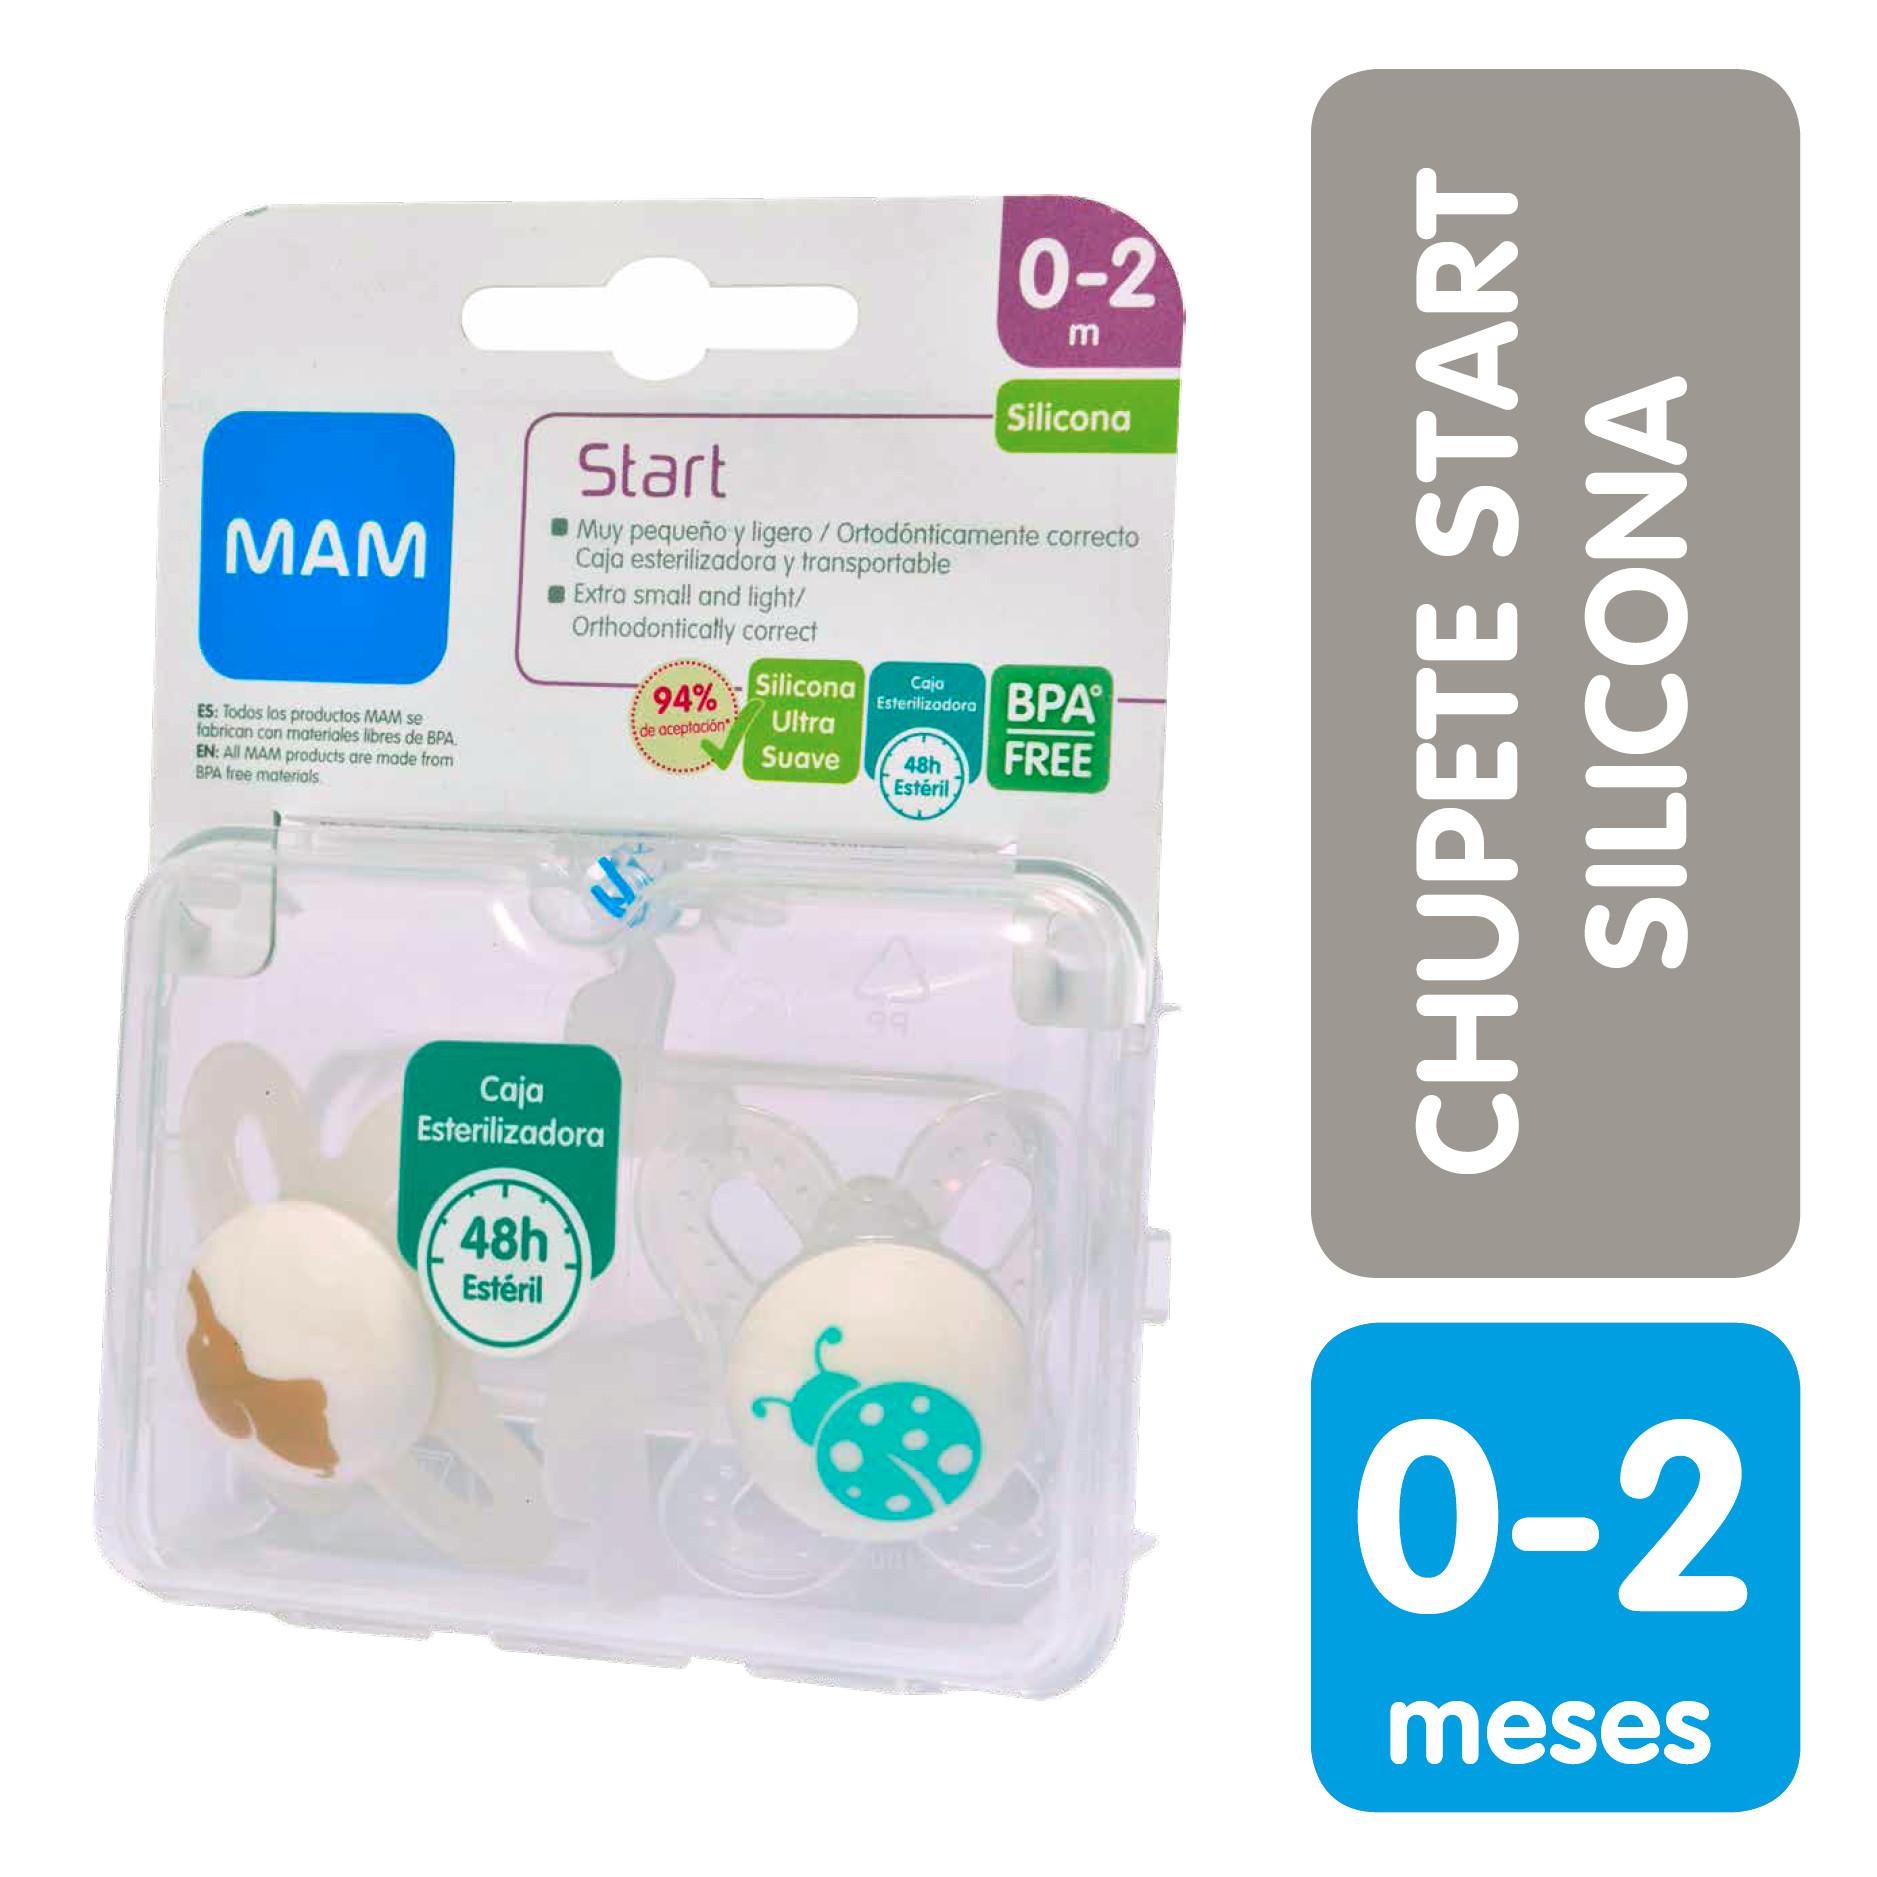 nueva productos 8effa 08250 Mam Chupete x2 Start 0+ Silicona | Laboratorio Chile | Teva